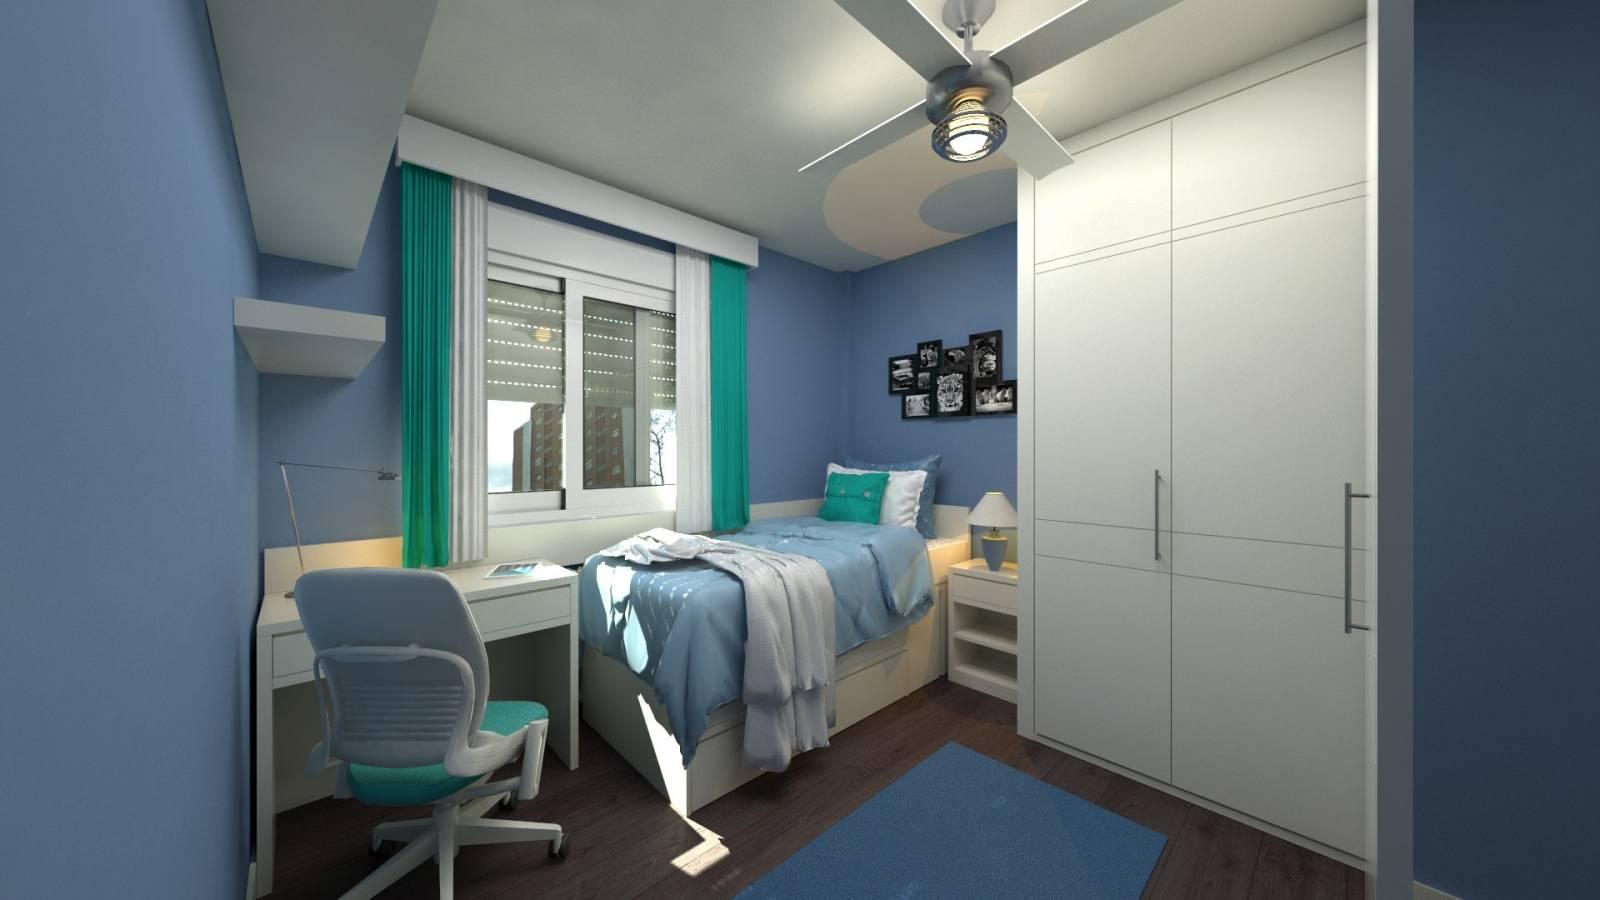 plan d 39 architecte 3d en ligne conception de plans d. Black Bedroom Furniture Sets. Home Design Ideas